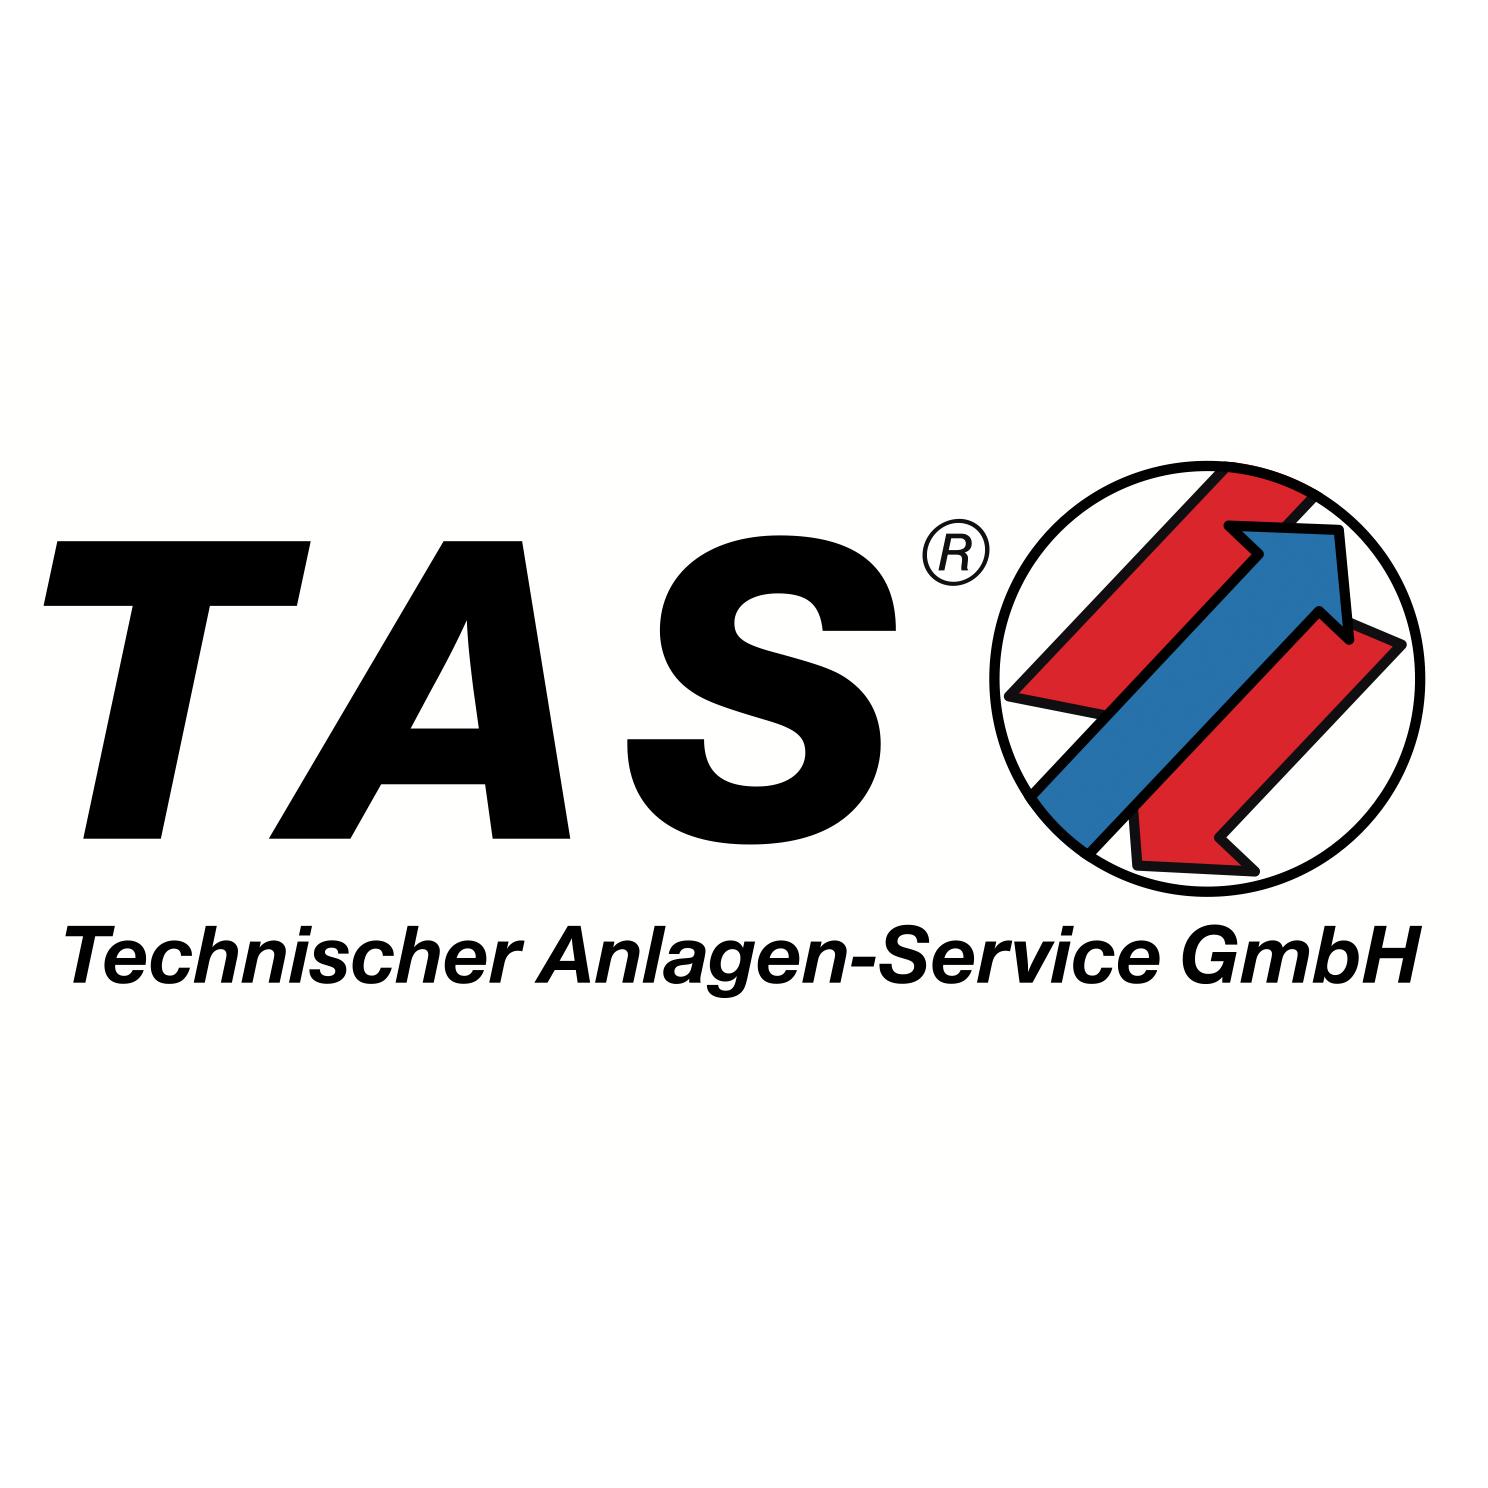 Technischer Anlagen-Service GmbH